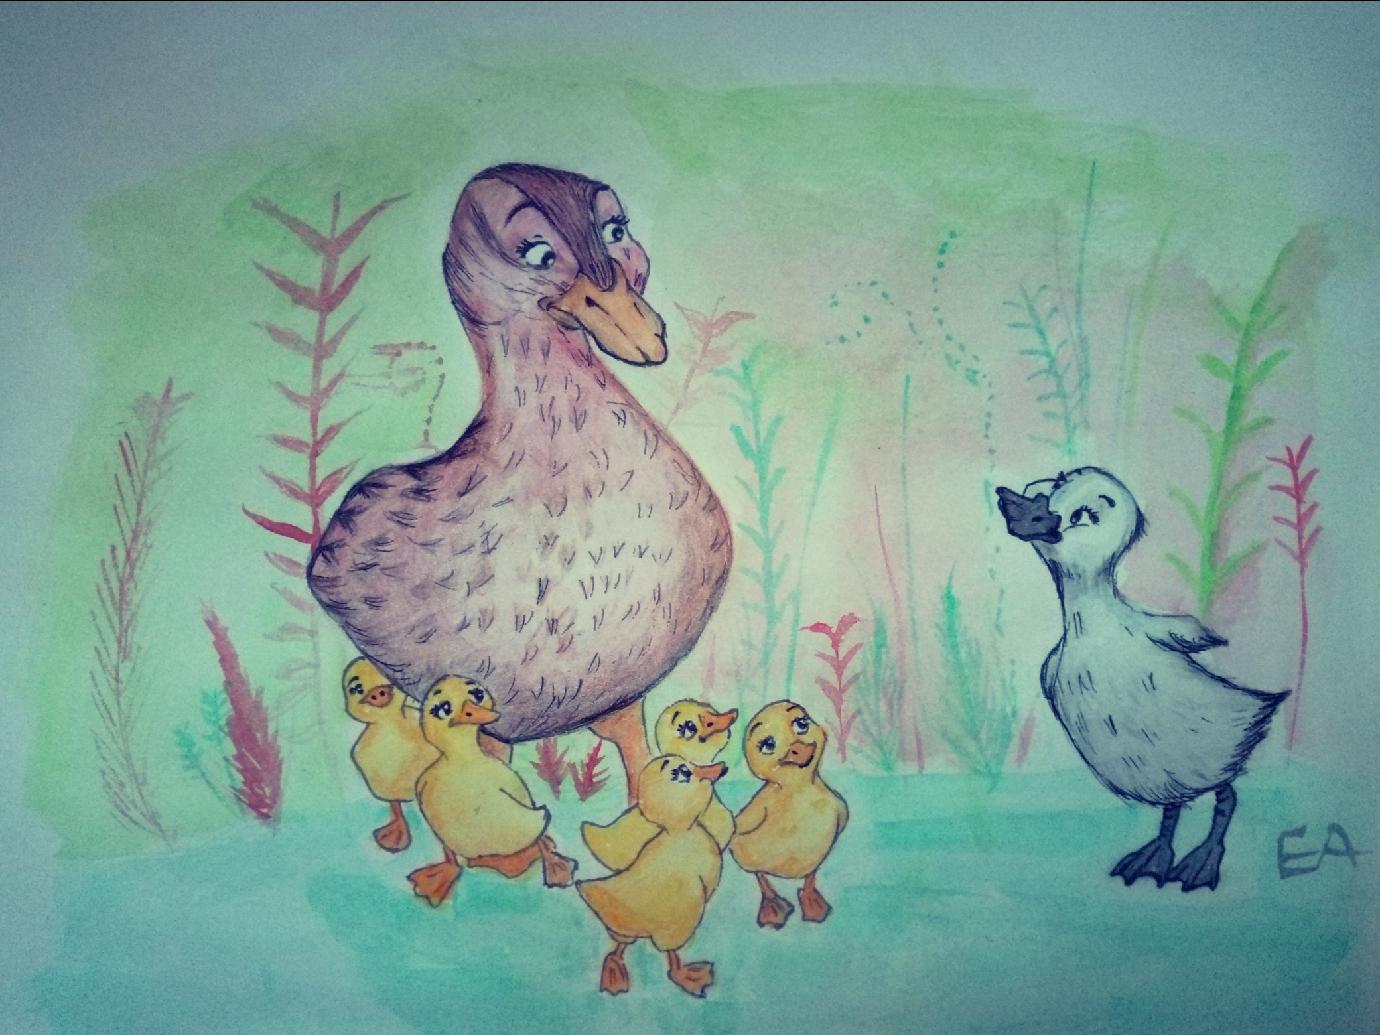 ducks_by_eimanseleem_dczwsla